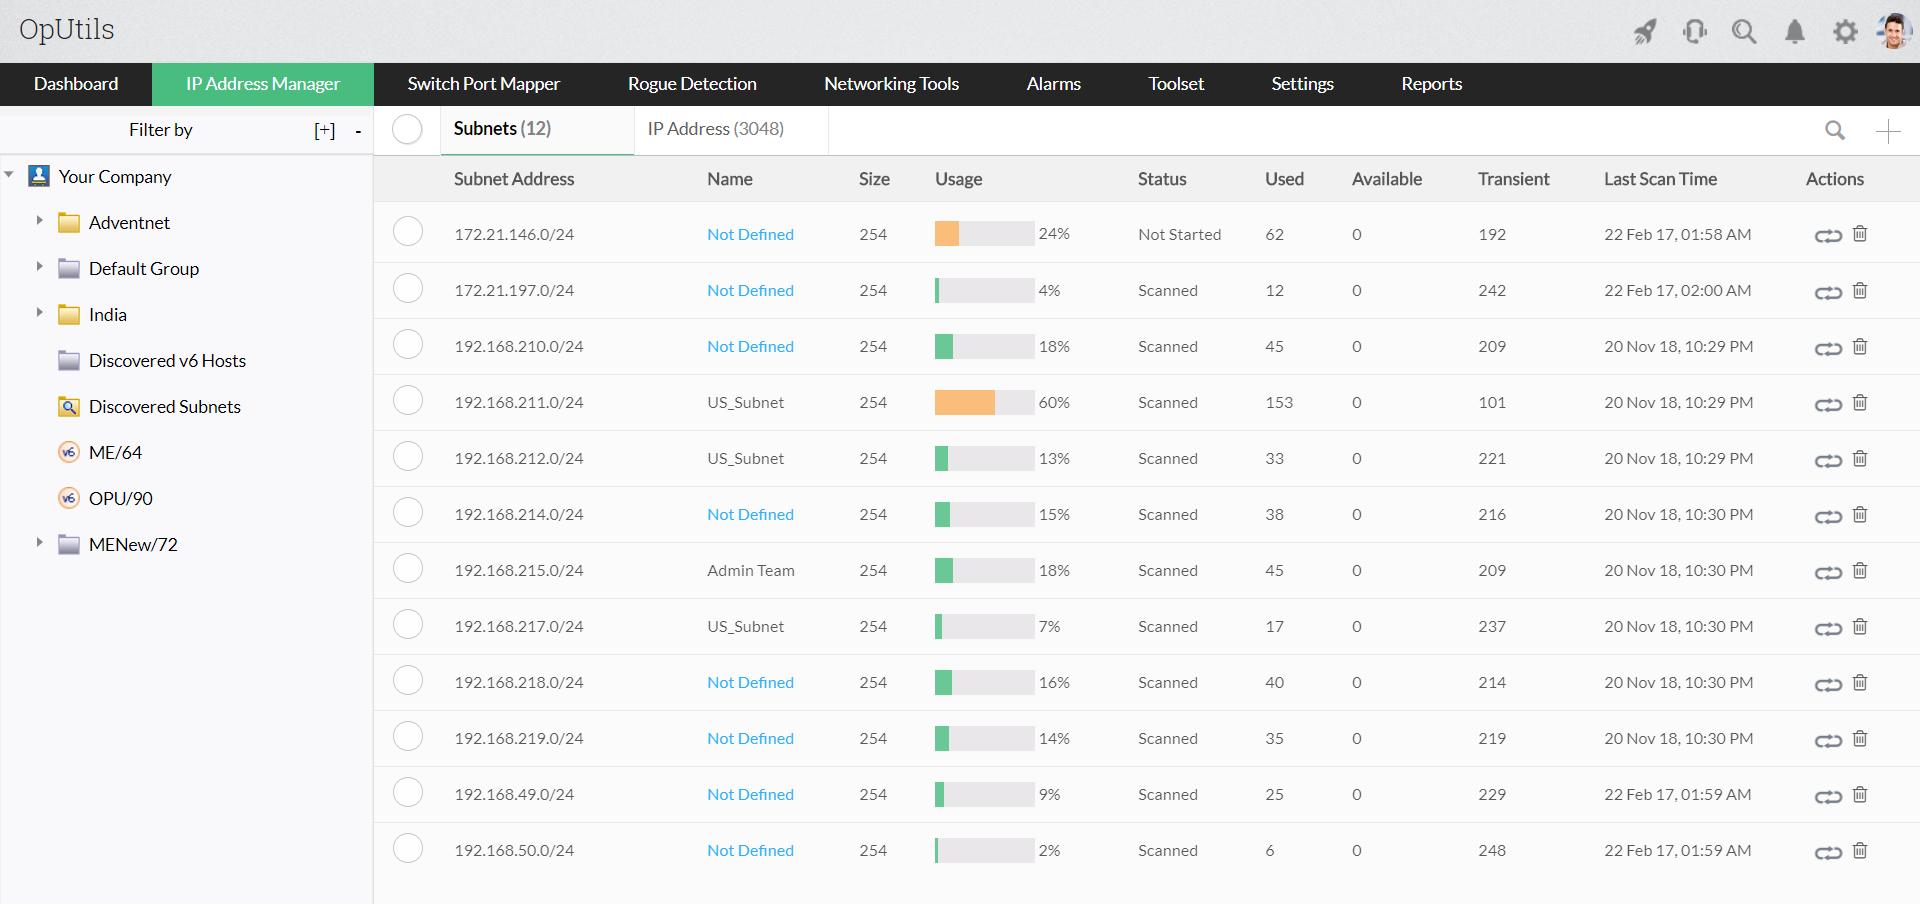 IP Address Monitor - ManageEngine OpUtils